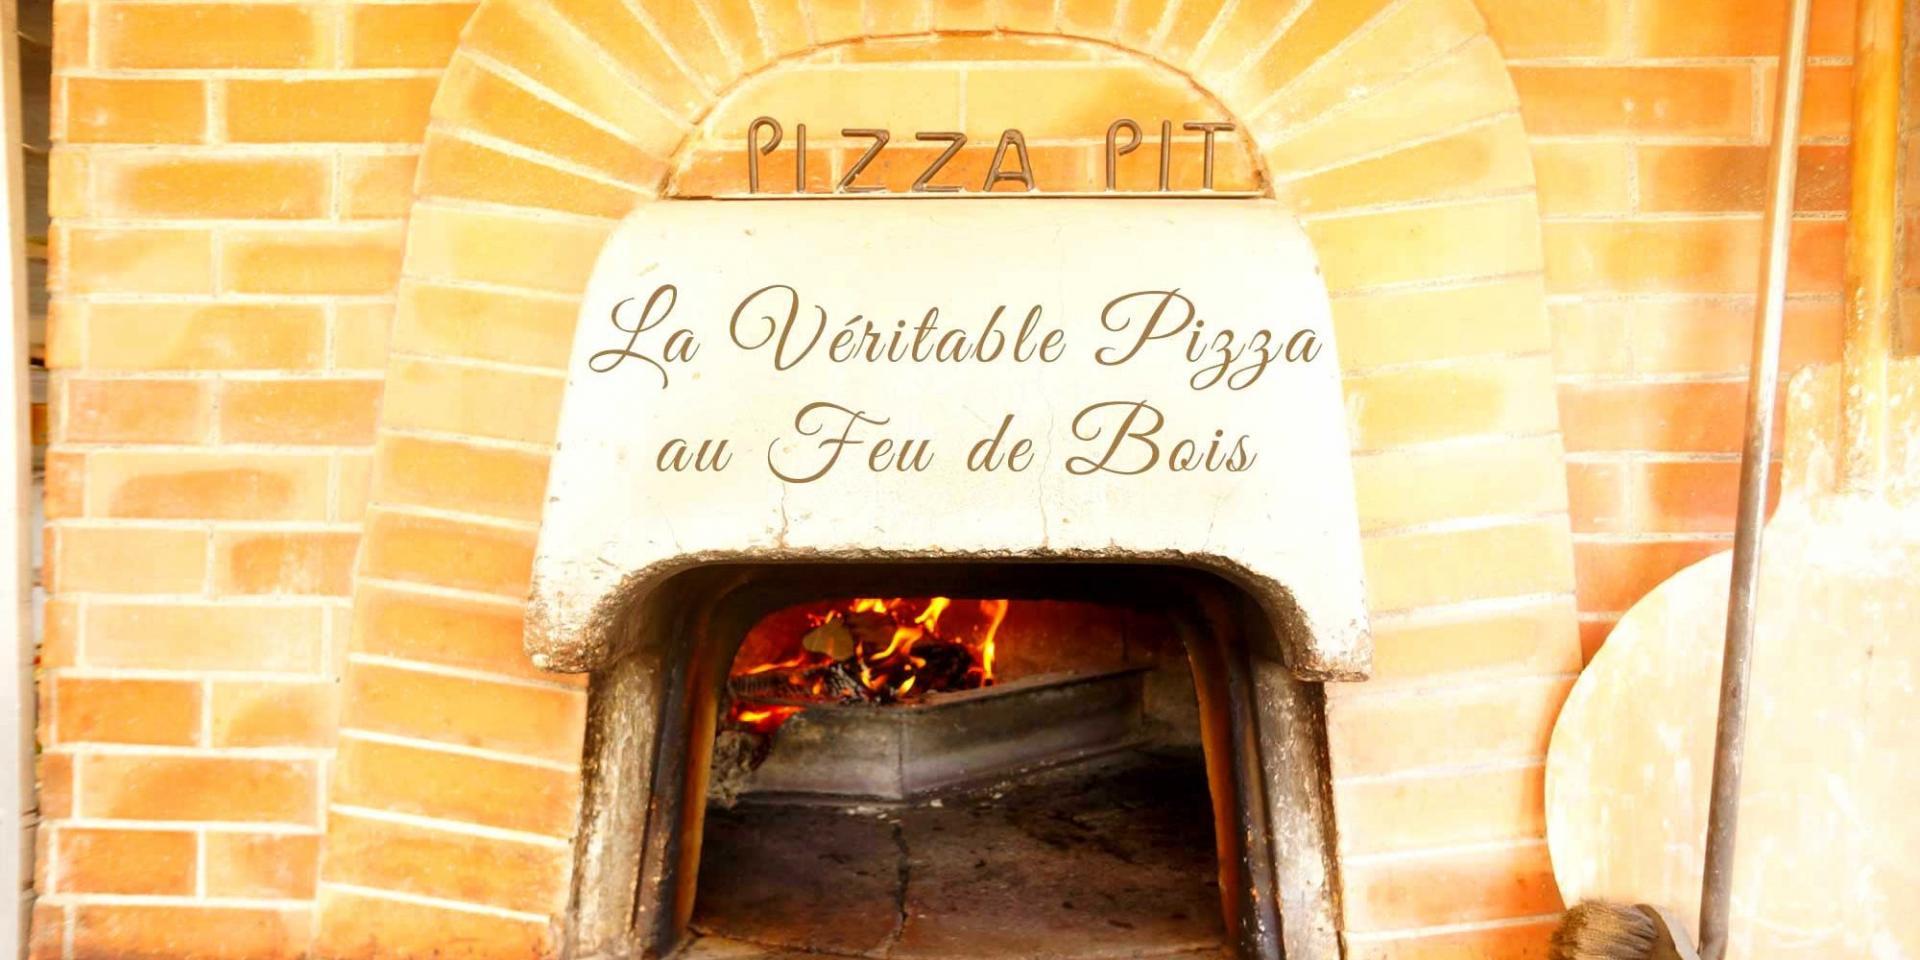 Pizza pit salon de provence for Livraison pizza salon de provence